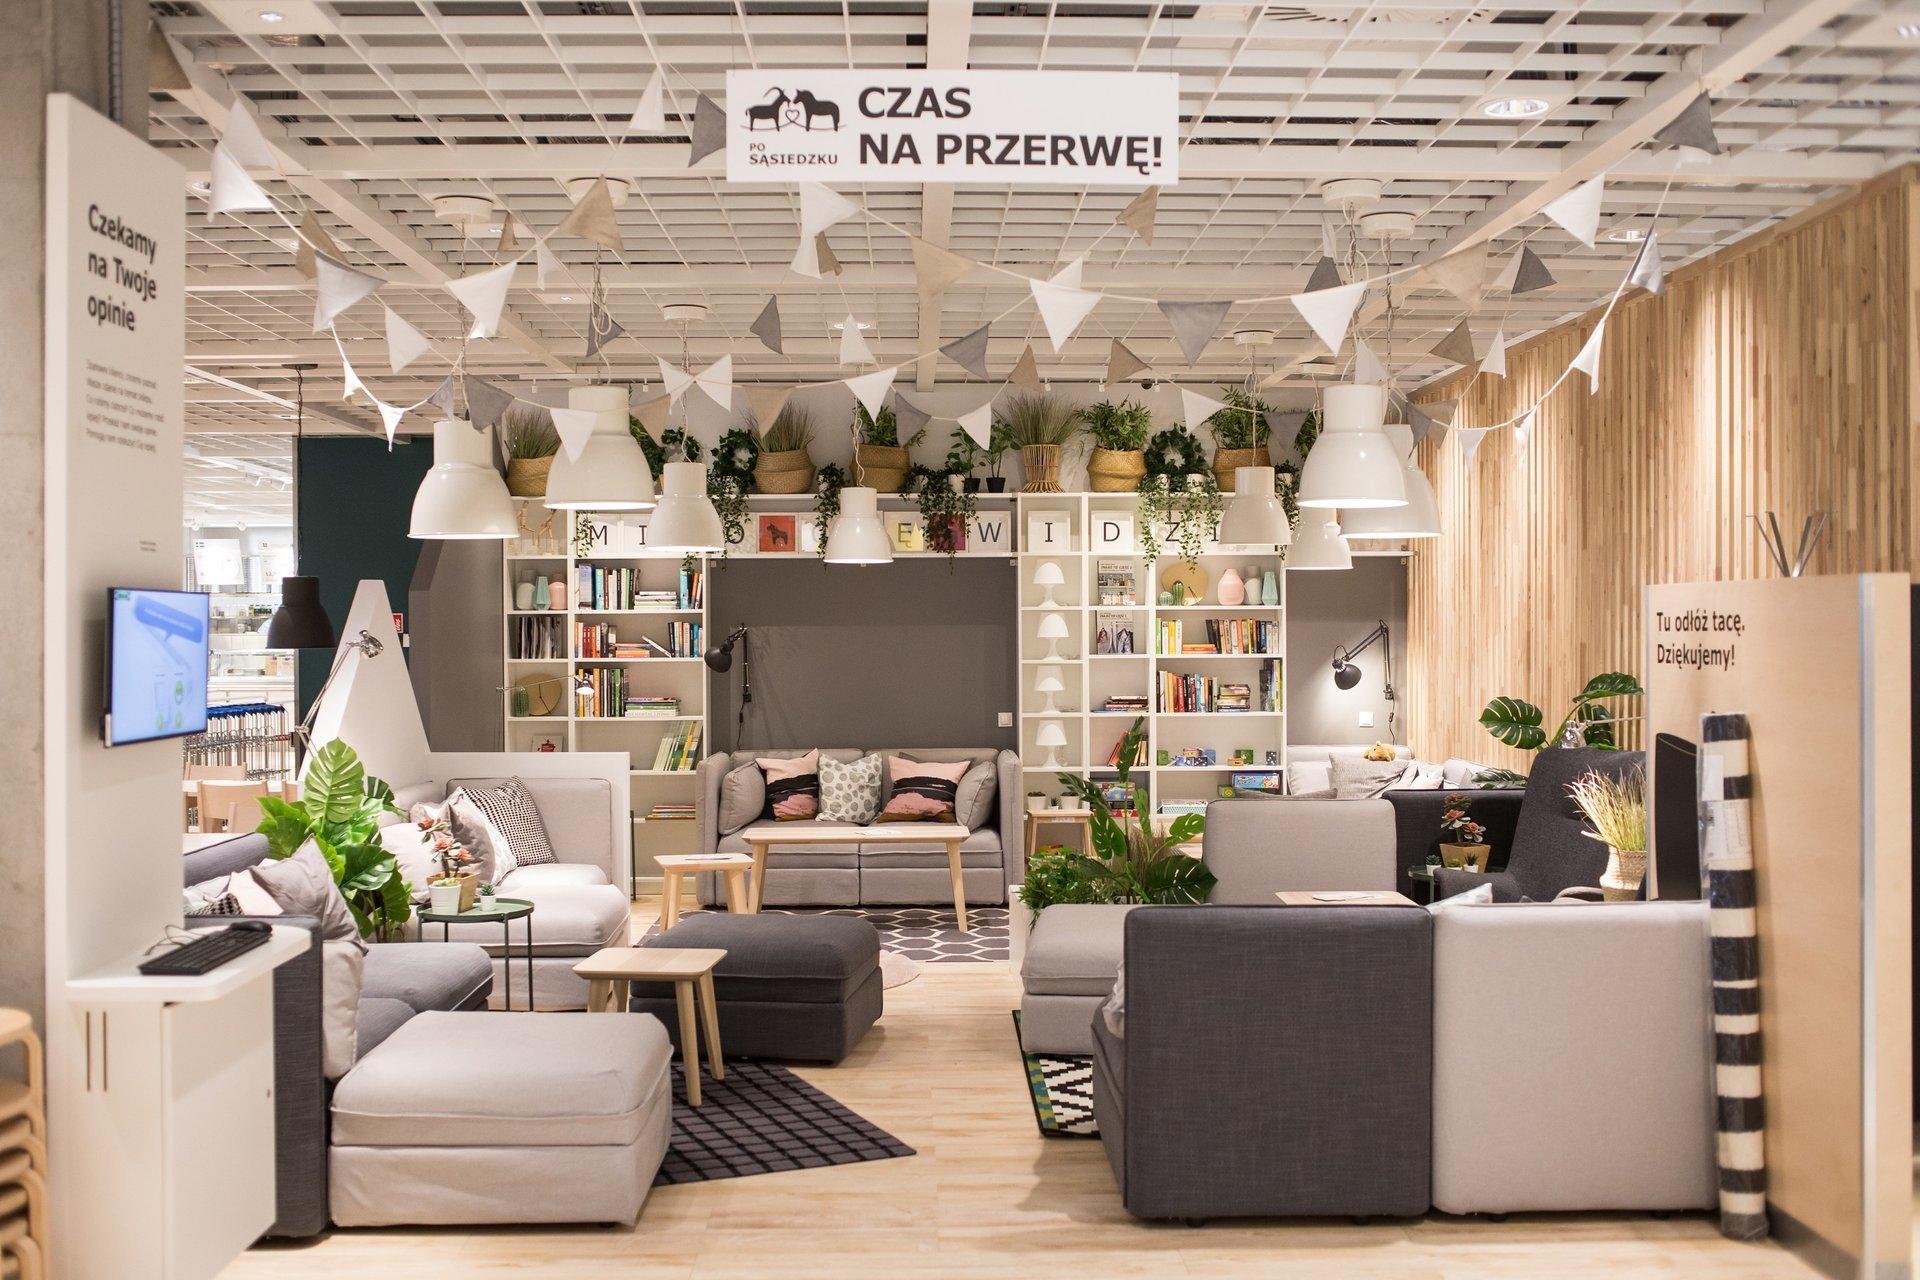 IKEA w Lublinie i SKENDE Shopping zapraszają do Po Sąsiedzku